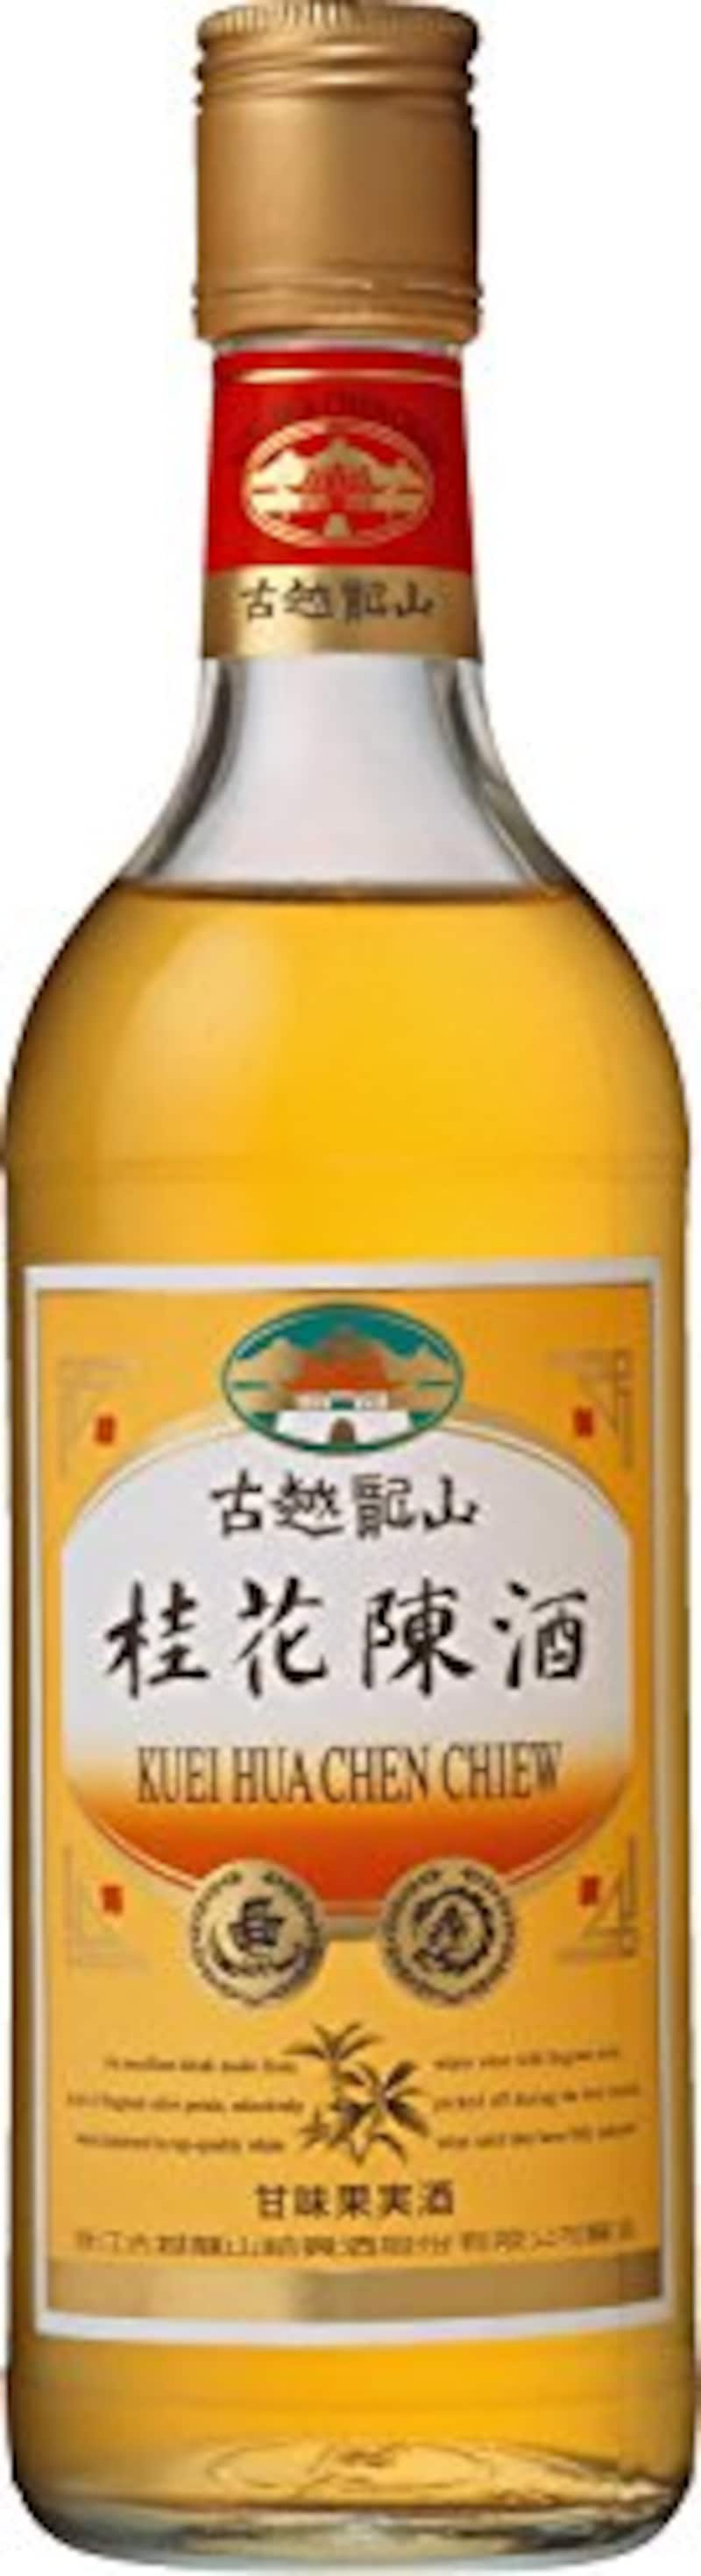 古越龍山,古越龍山 桂花陳酒